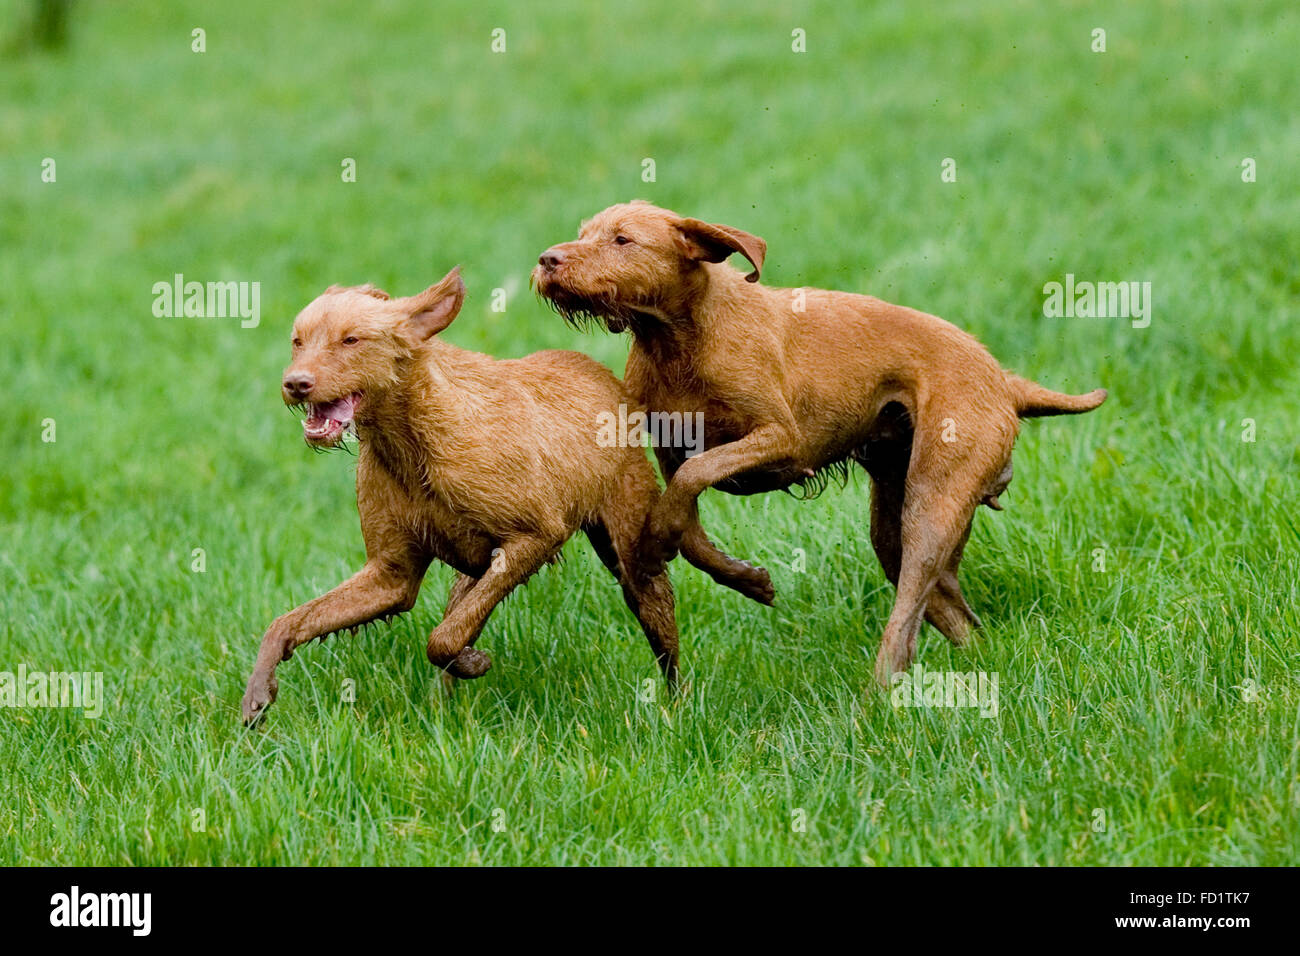 Due fili vizsla dai capelli giocando in un campo Immagini Stock